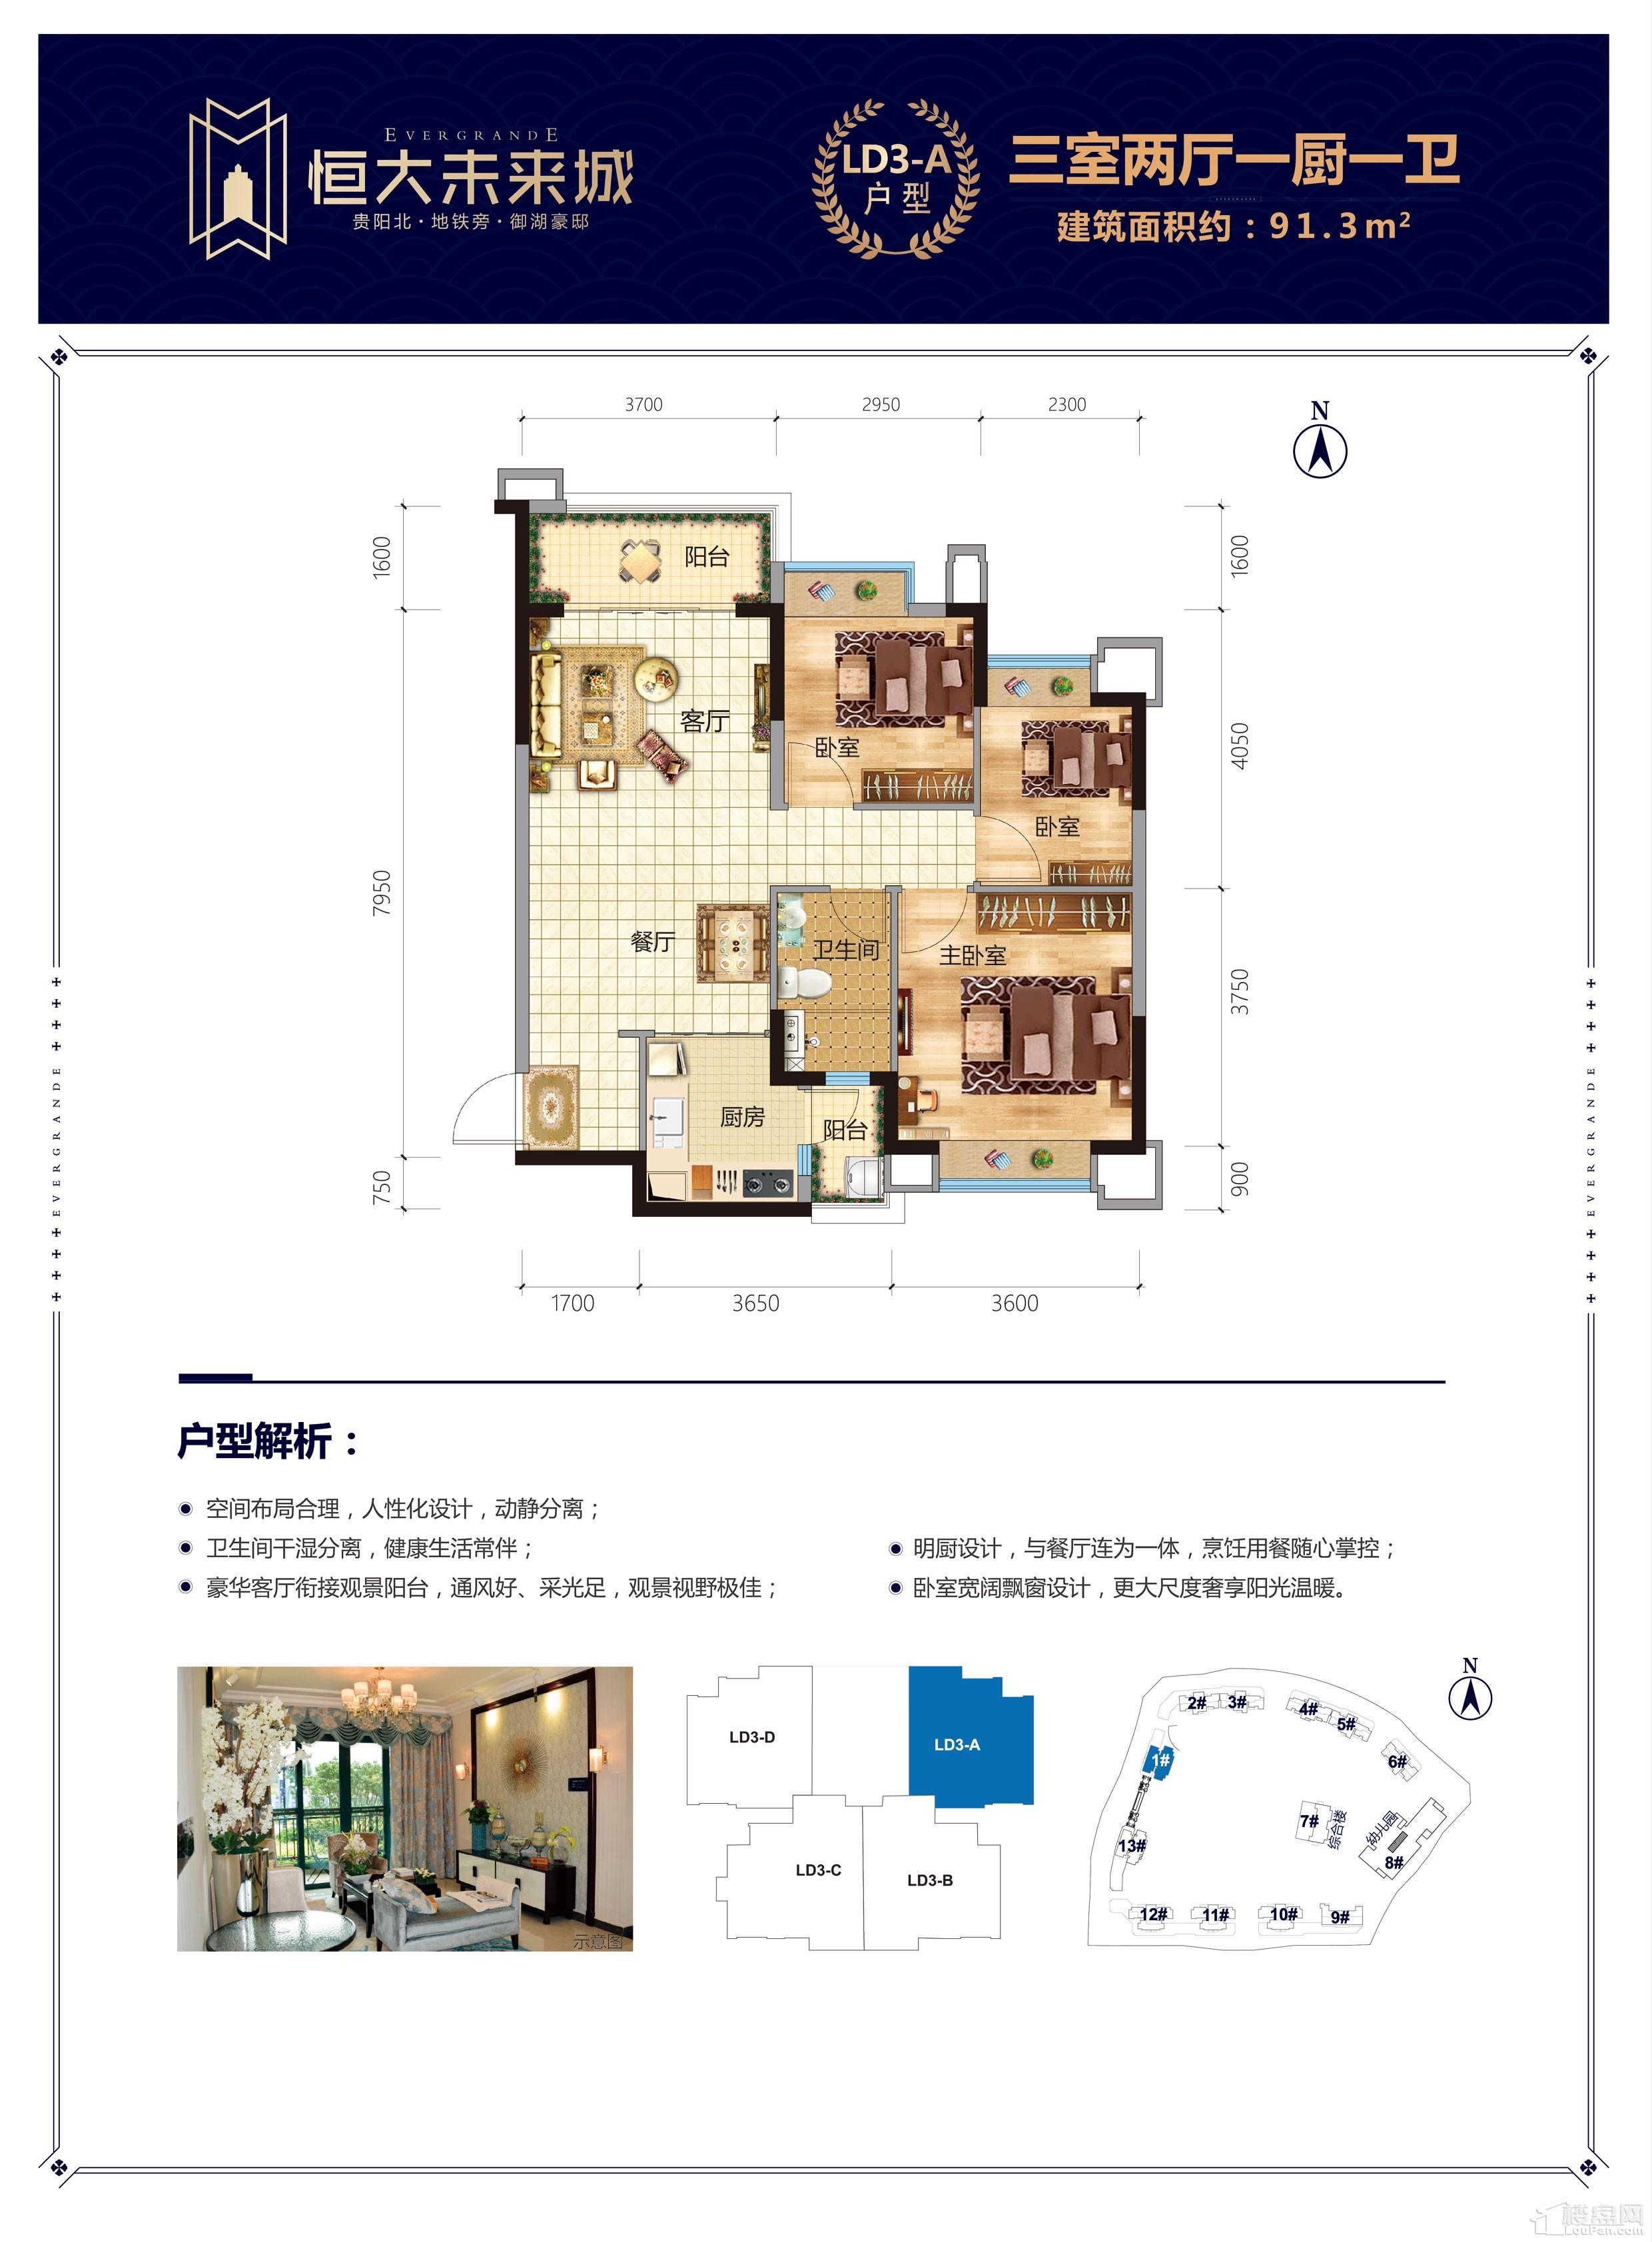 恒大未来城LD3-A户型